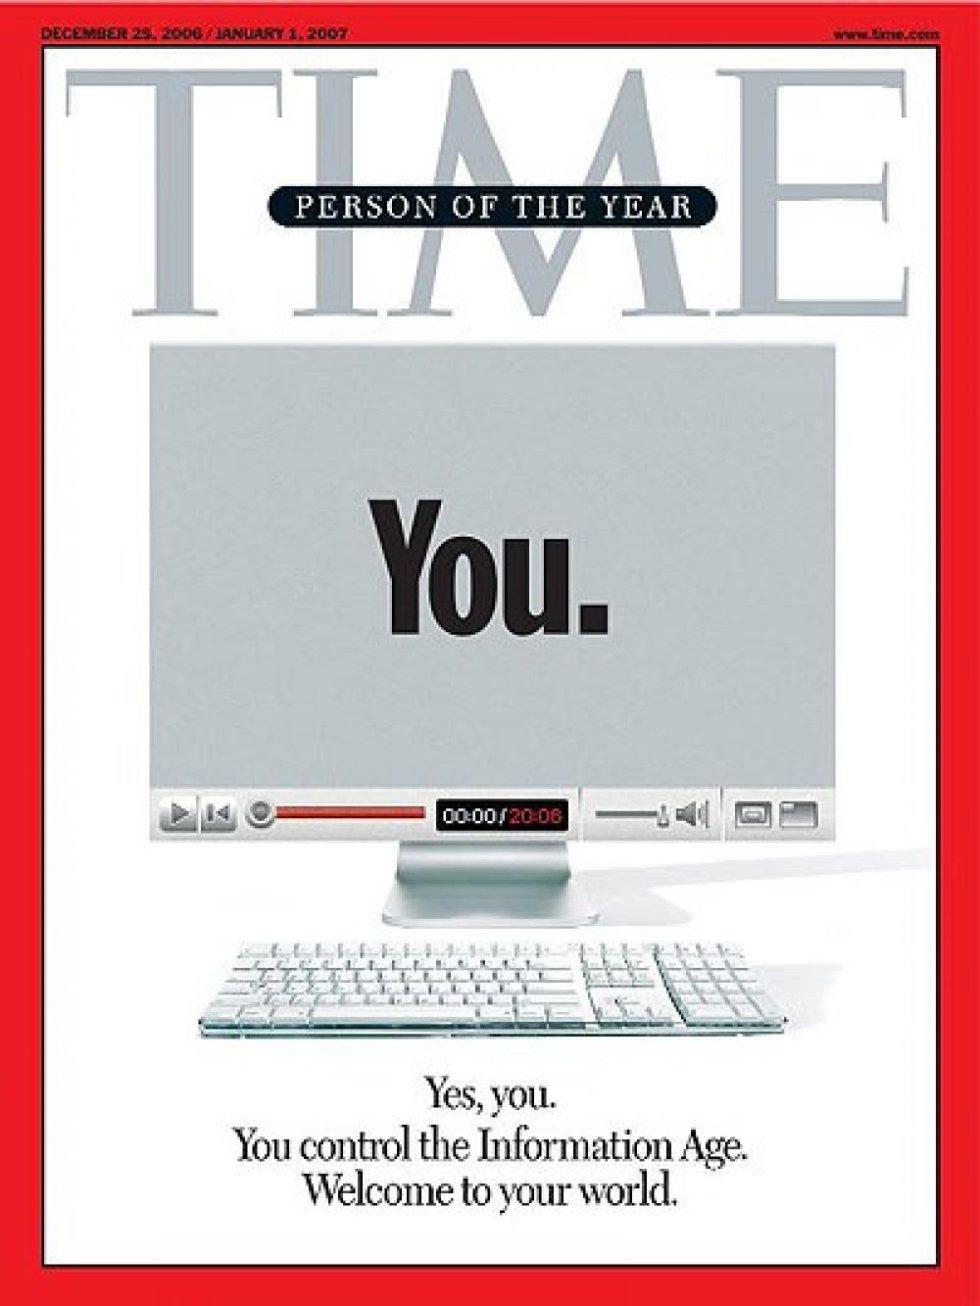 Homenaje a las personas que utilizan Internet cada día: bloggers, usuarios de redes, Wikipedia...